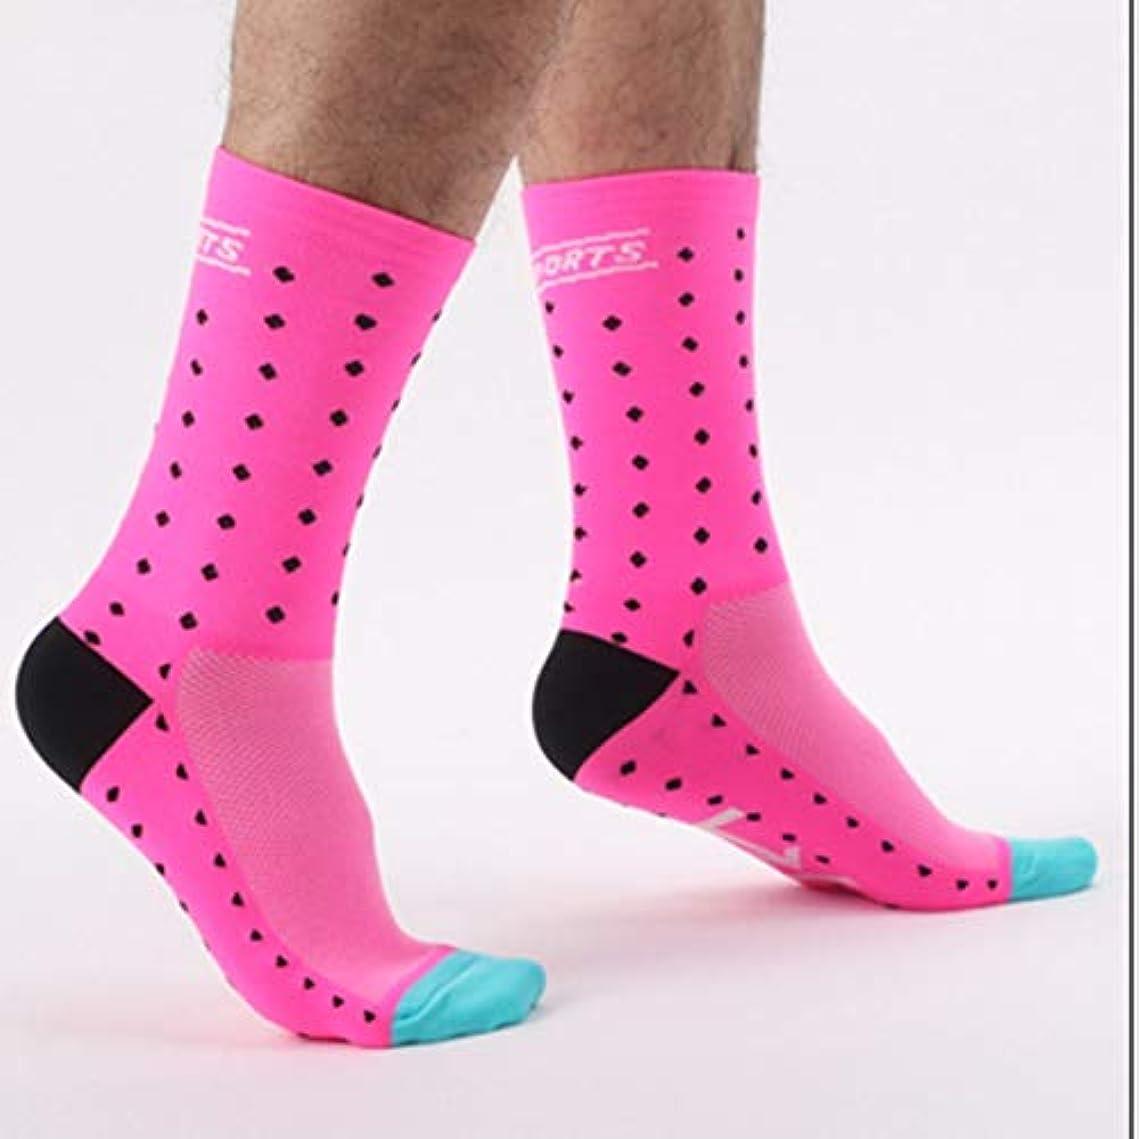 同様に広く蒸留DH04快適なファッショナブルな屋外サイクリングソックス男性女性プロの通気性スポーツソックスバスケットボールソックス - ピンク